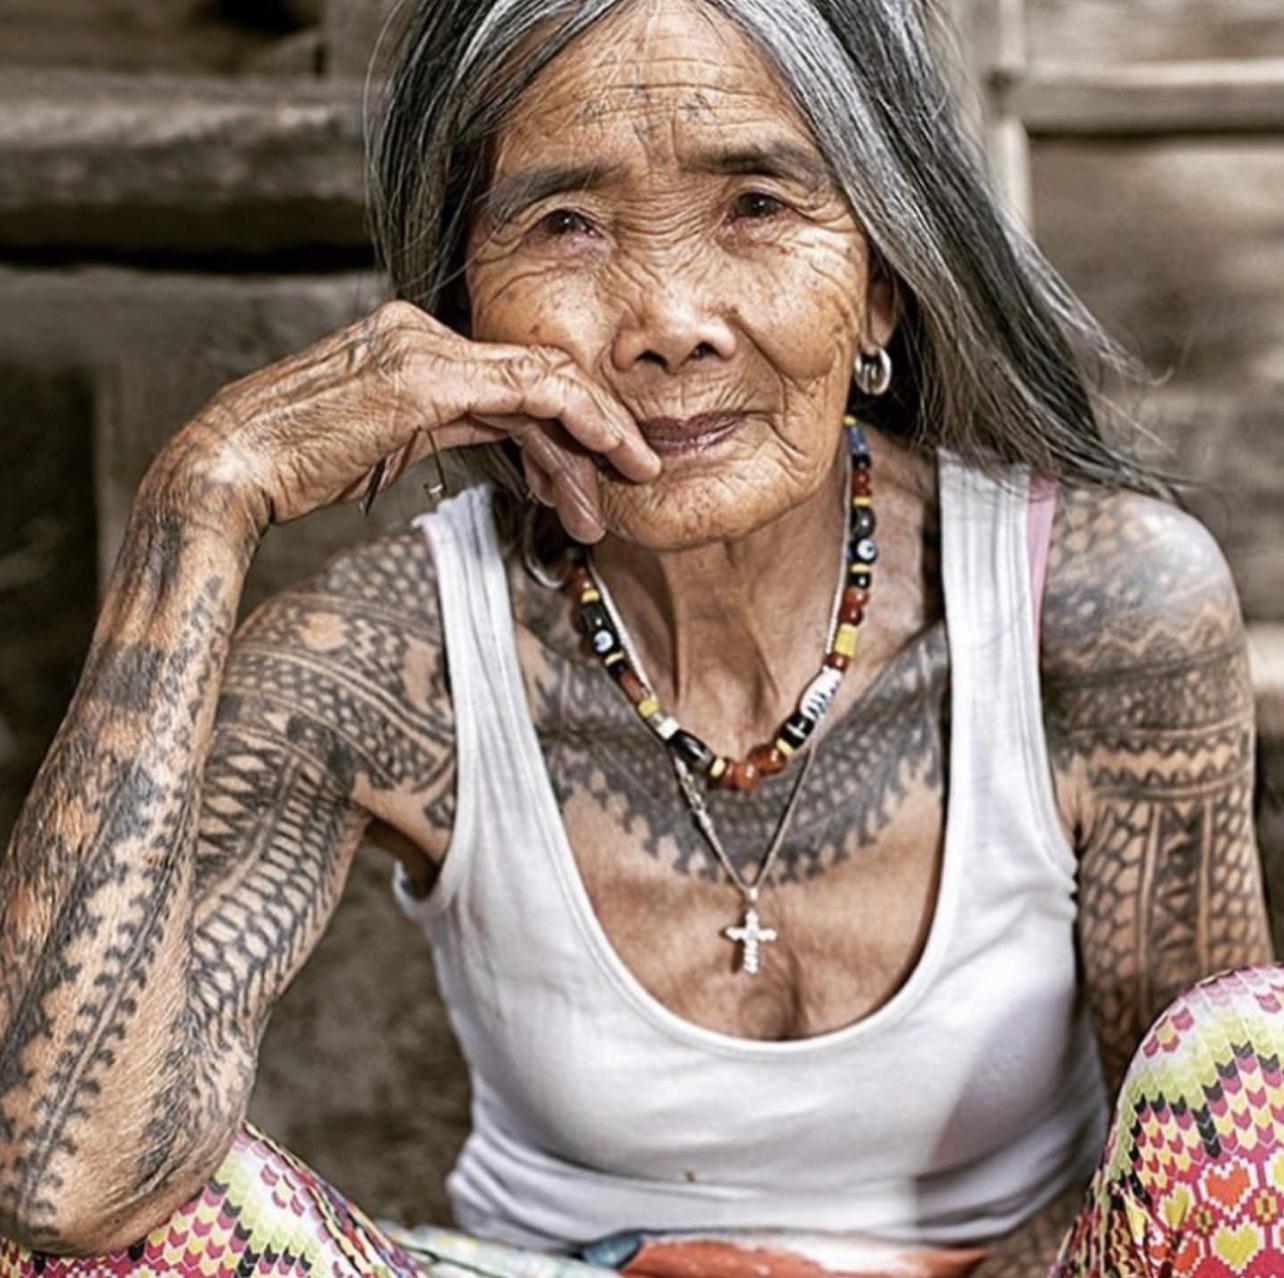 Whang-od Oggay, tatuadora filipina de 103 anos. Ela é a única tatuadora tradicional Kalinga remanescente. Você não escolhe uma tatuagem, ela é quem decide se você é digno e depois faz a tatuagem que ela quer